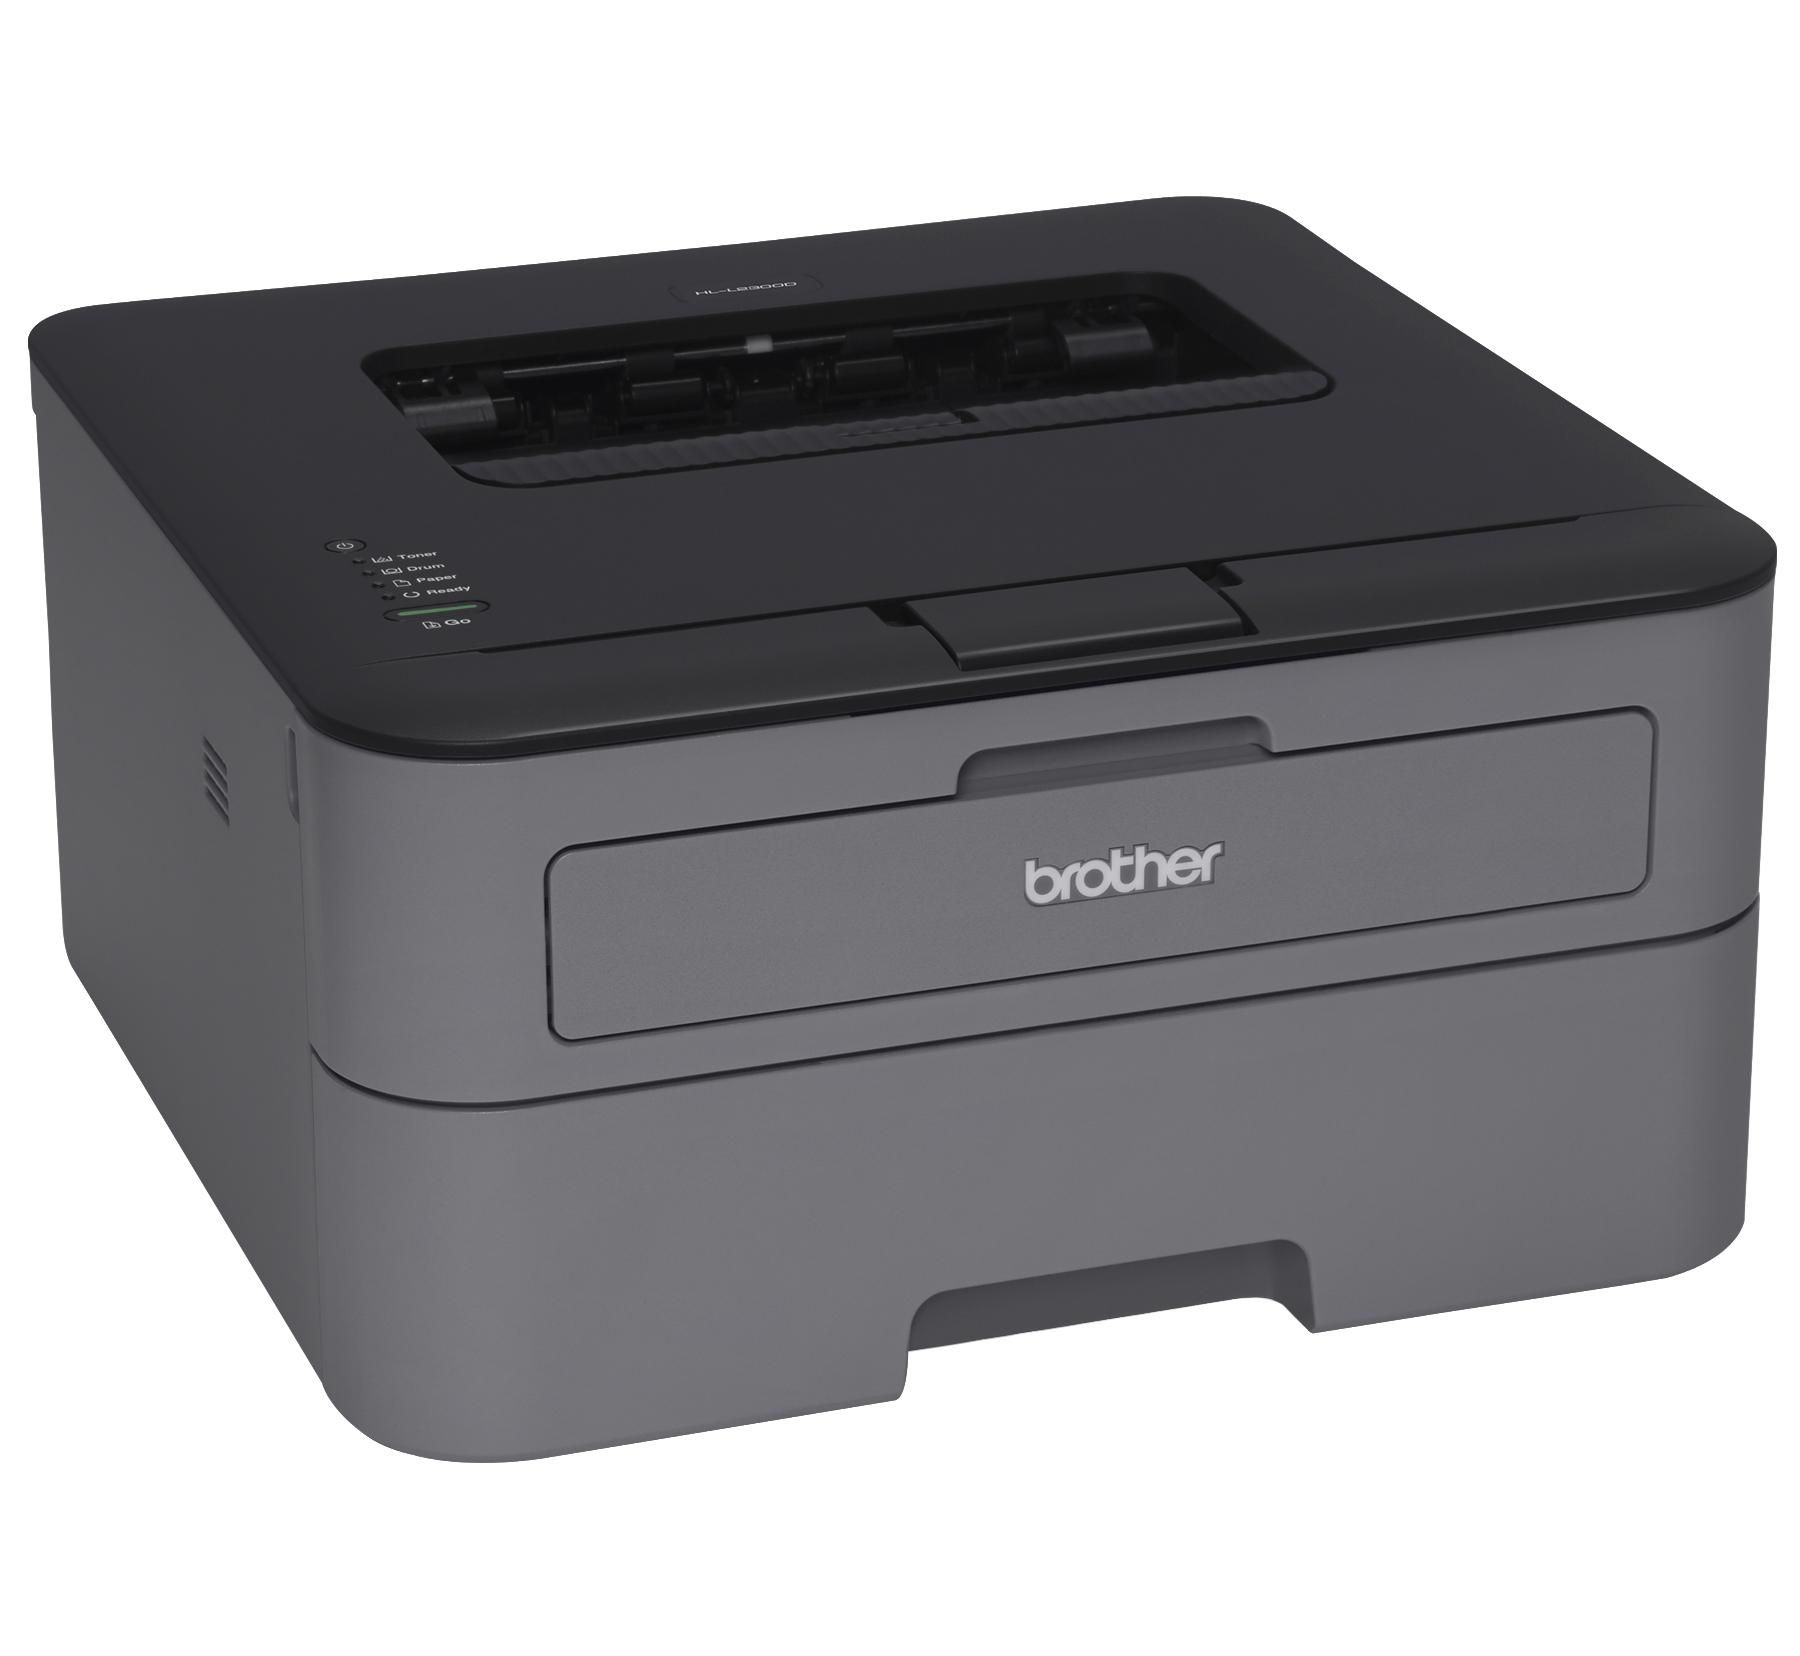 A Laser Printer For 50 Brother Hl L2300d Monochrome Laser Printer Many Genealogists Prefer Black White Only Printe With Images Laser Printer Brother Printers Printer